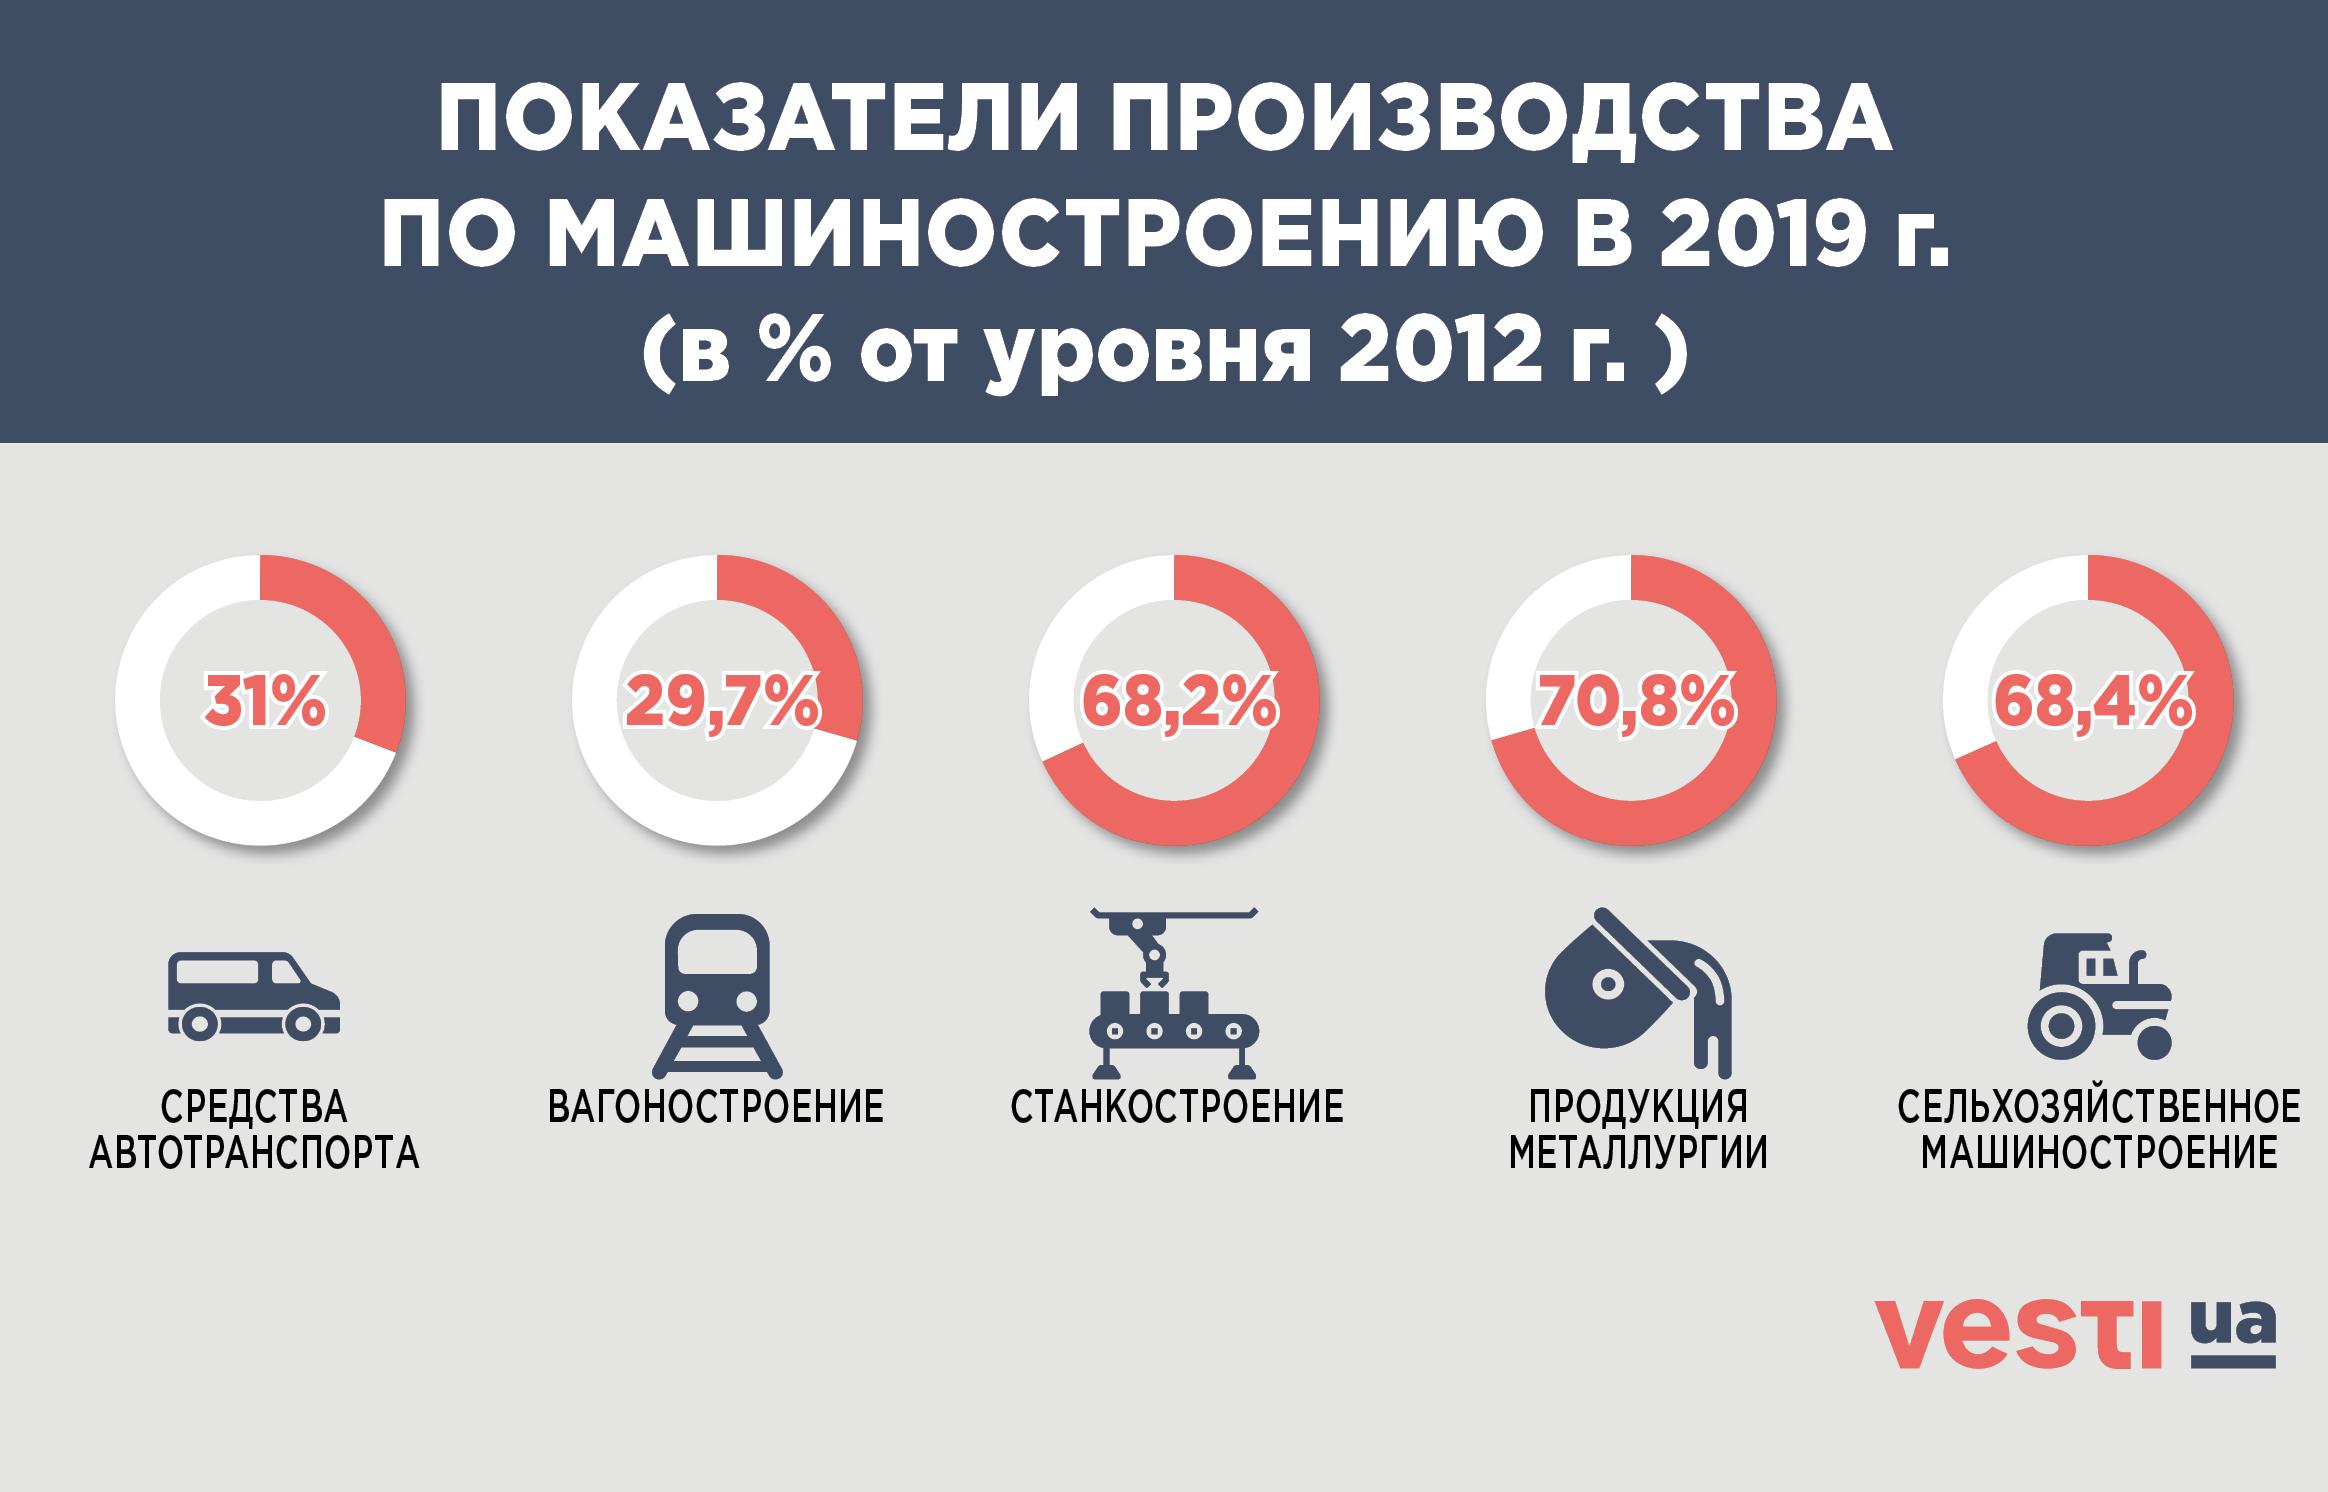 Годовщина евроассоциации: итоги экономического падения Украины за 6 лет - фото 1